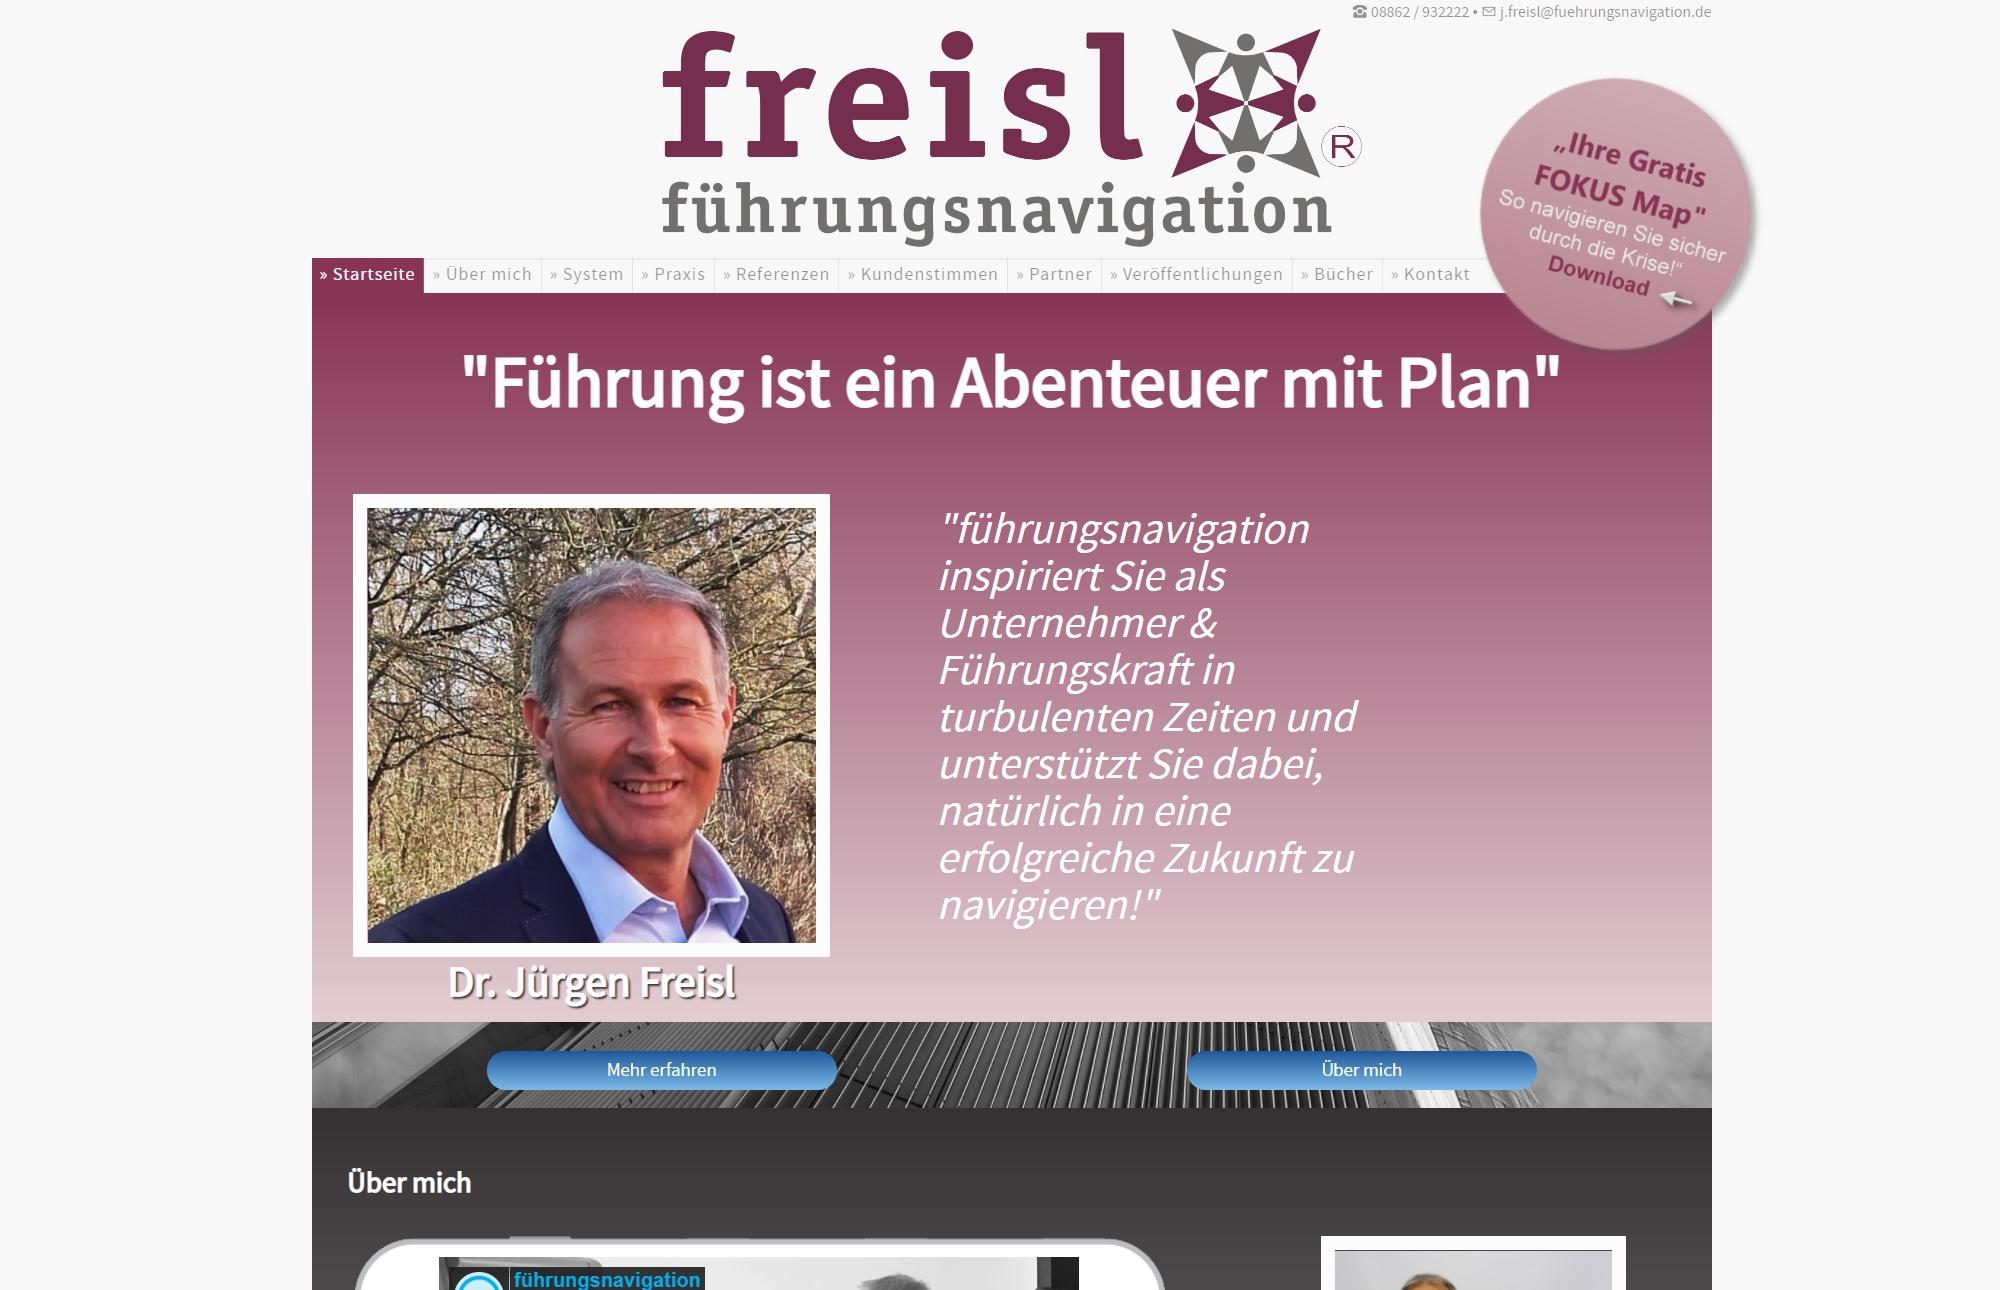 Jürgen Freisl, Steingaden